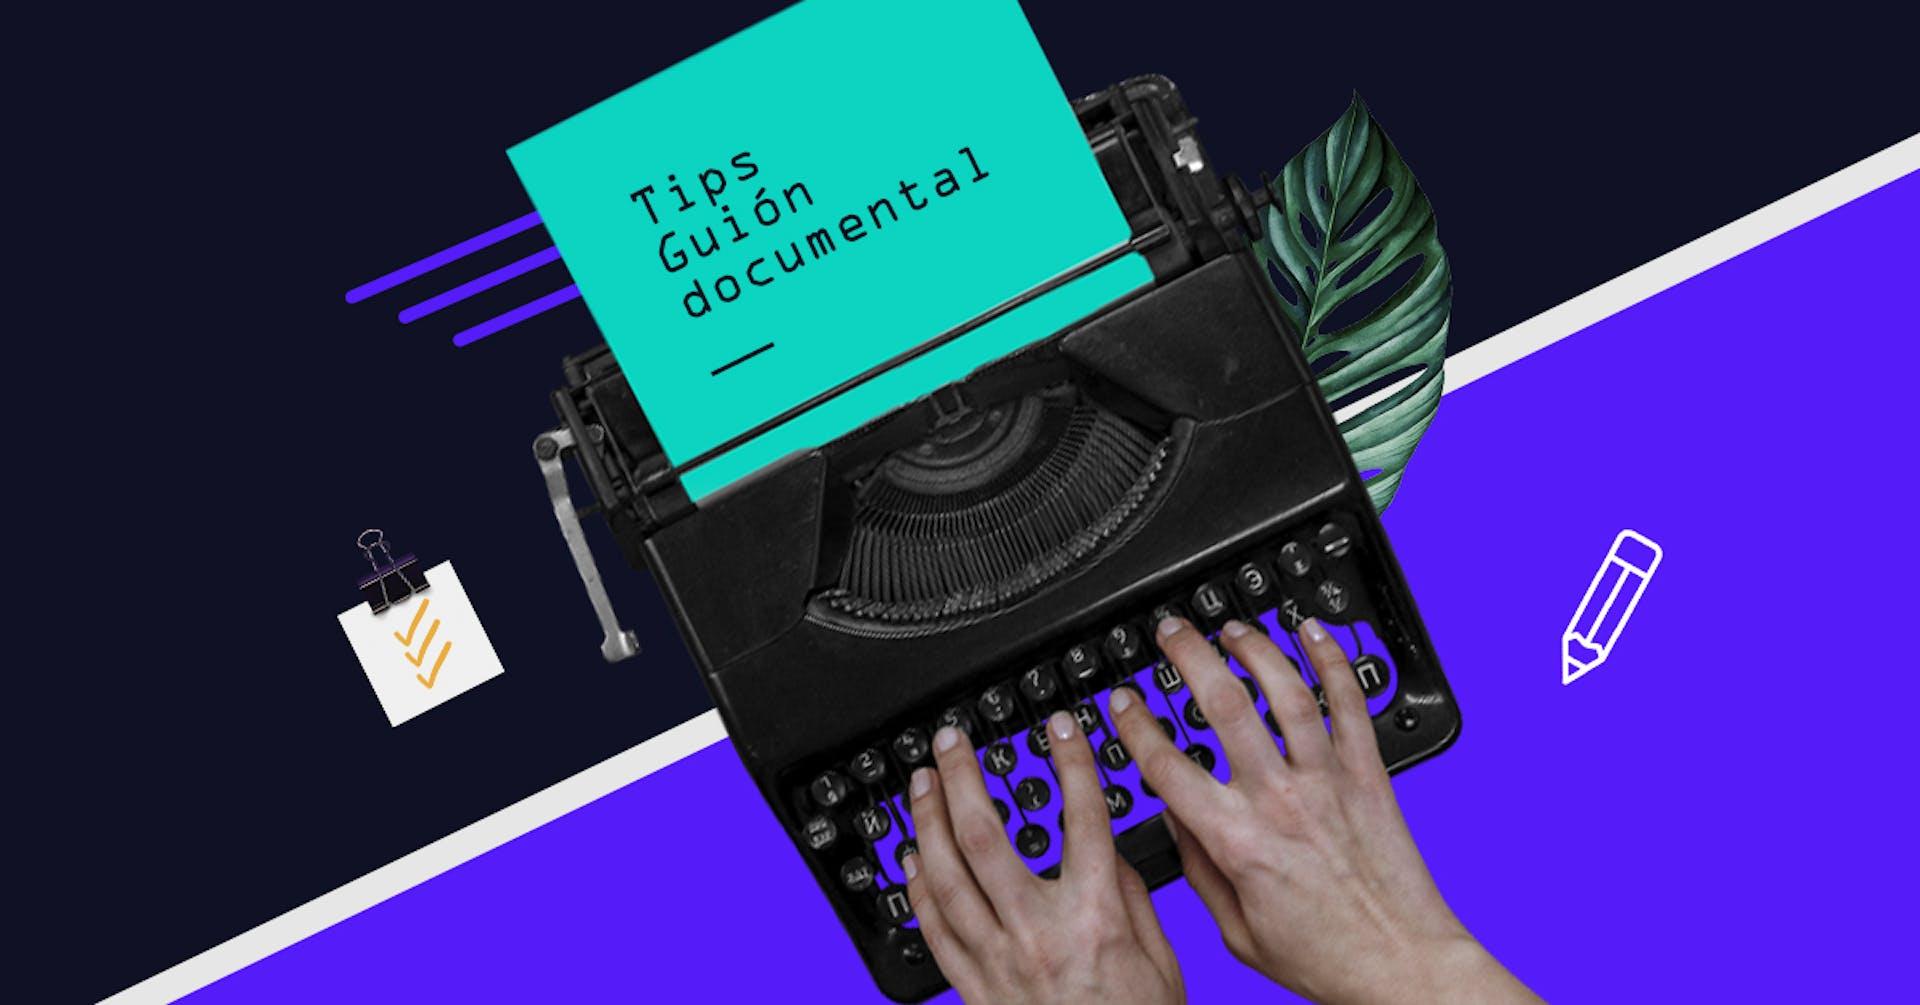 ¿Amas los documentales? 5 tips para escribir tu primer guión de documental